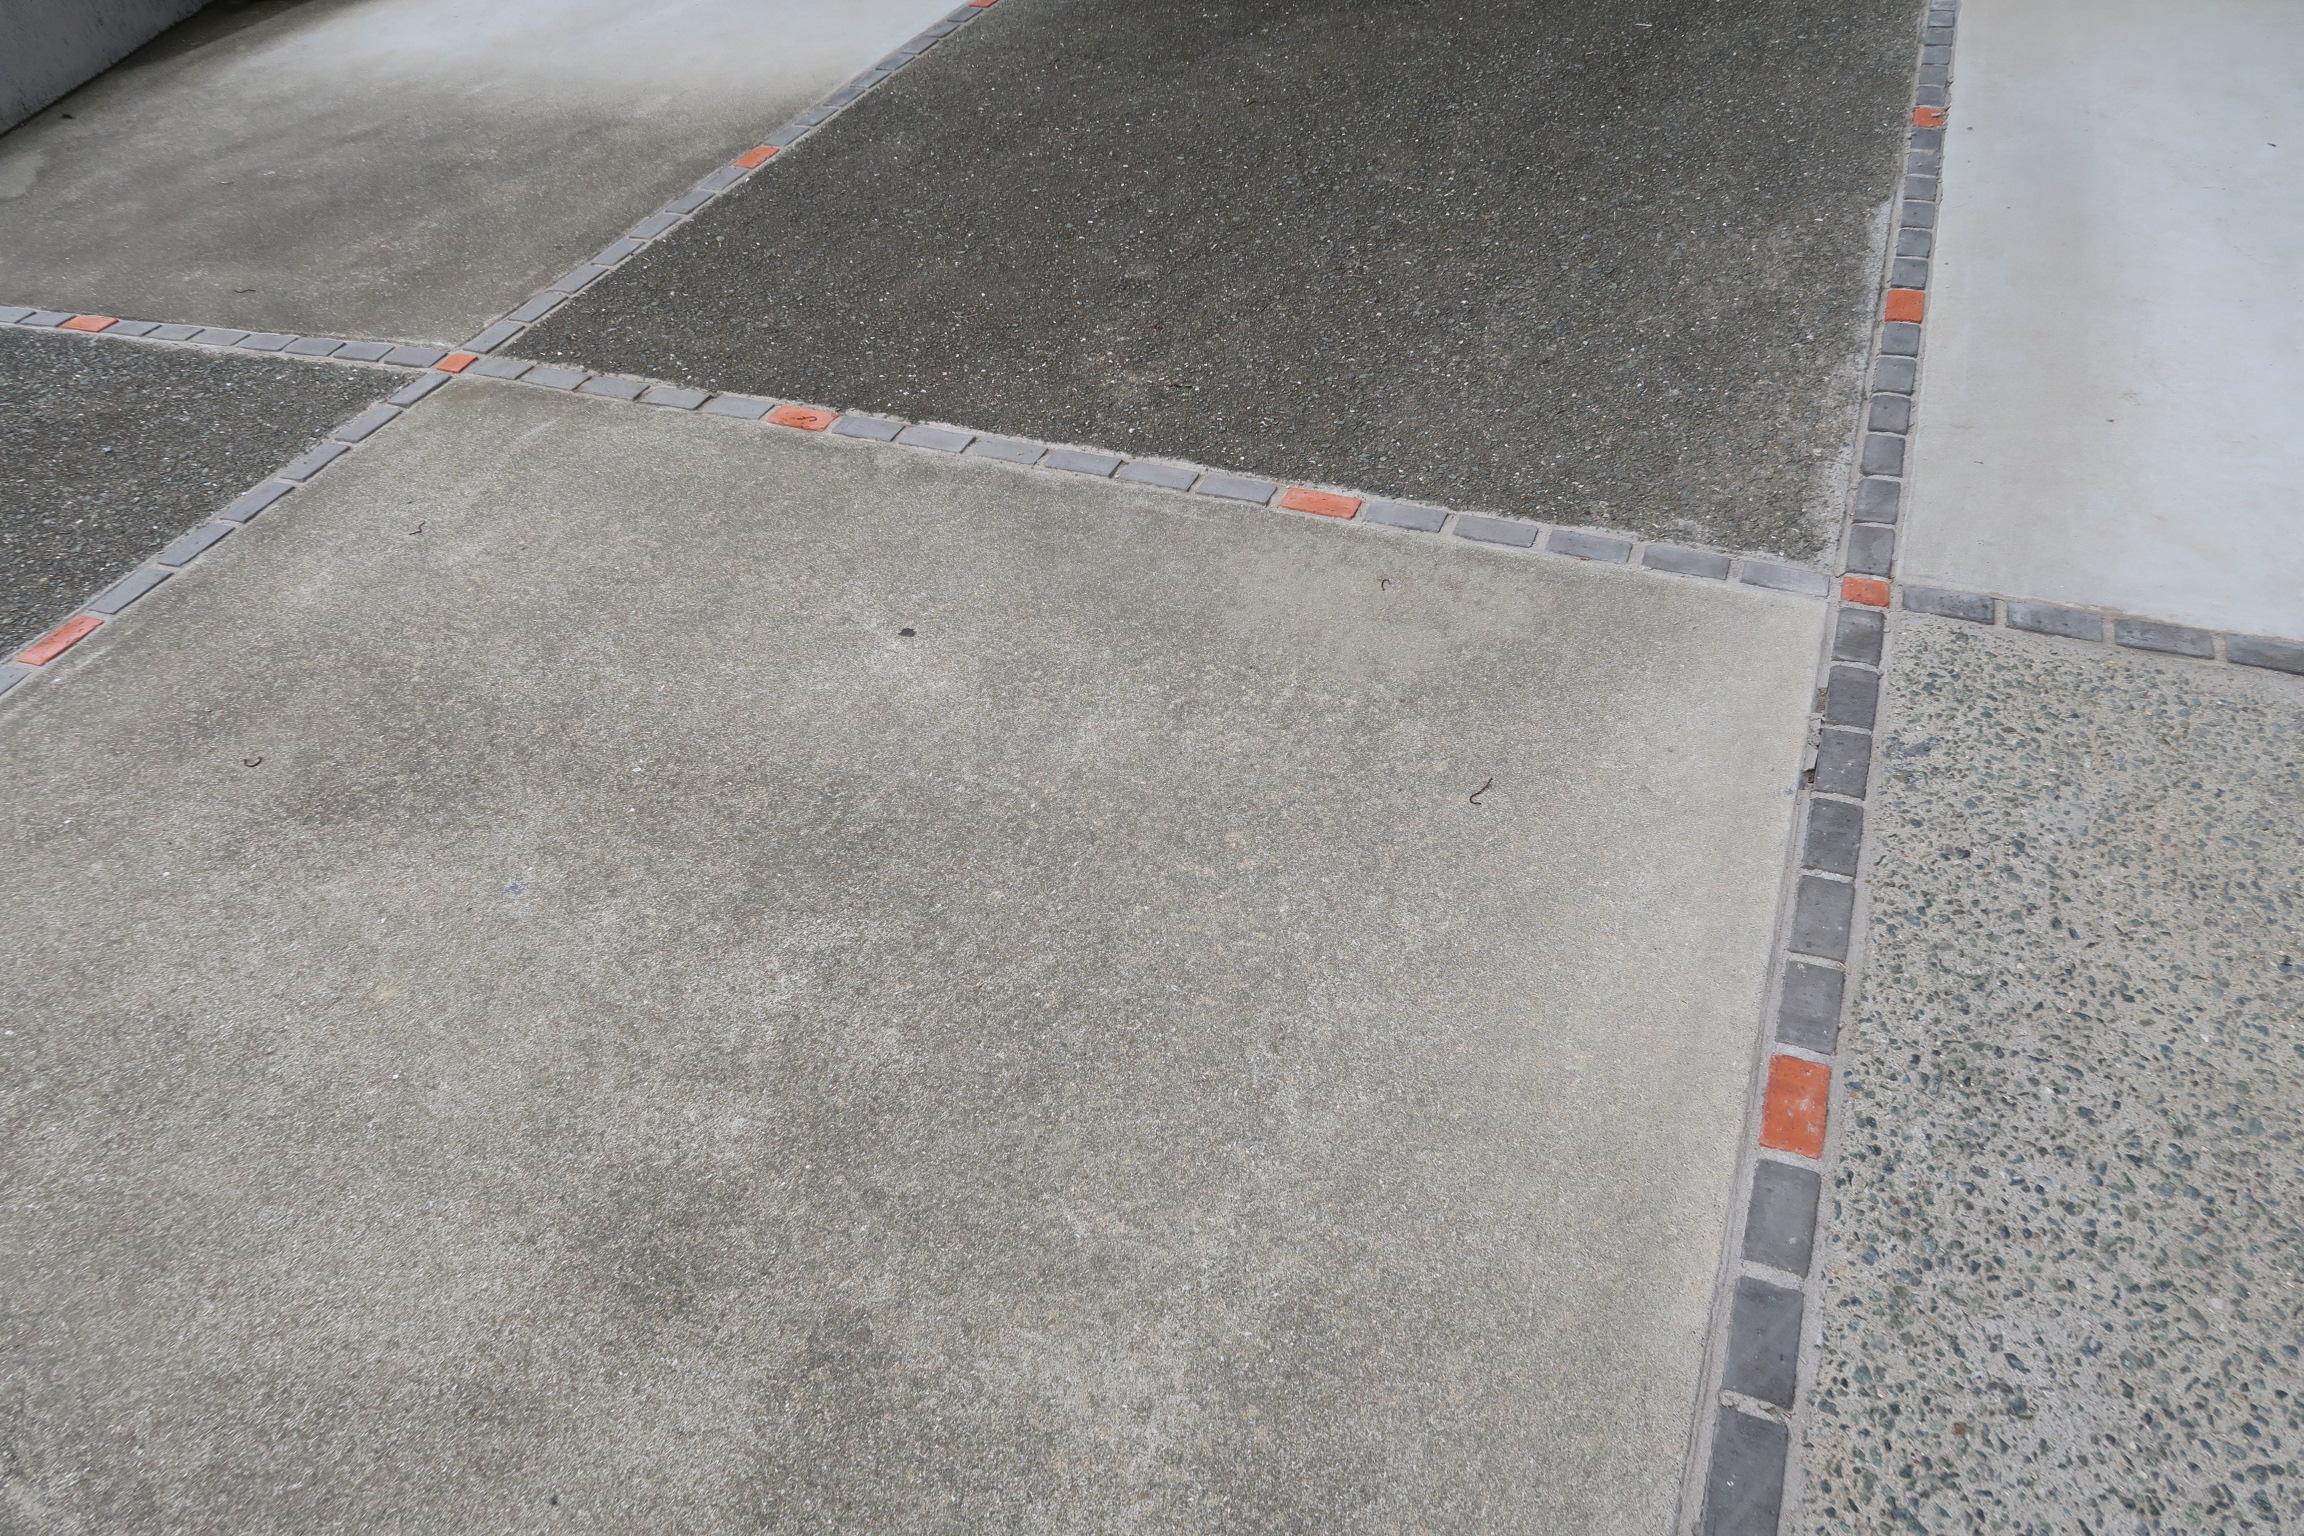 駐車場のコンクリートのすき間をレンガとバサモルで埋めよう